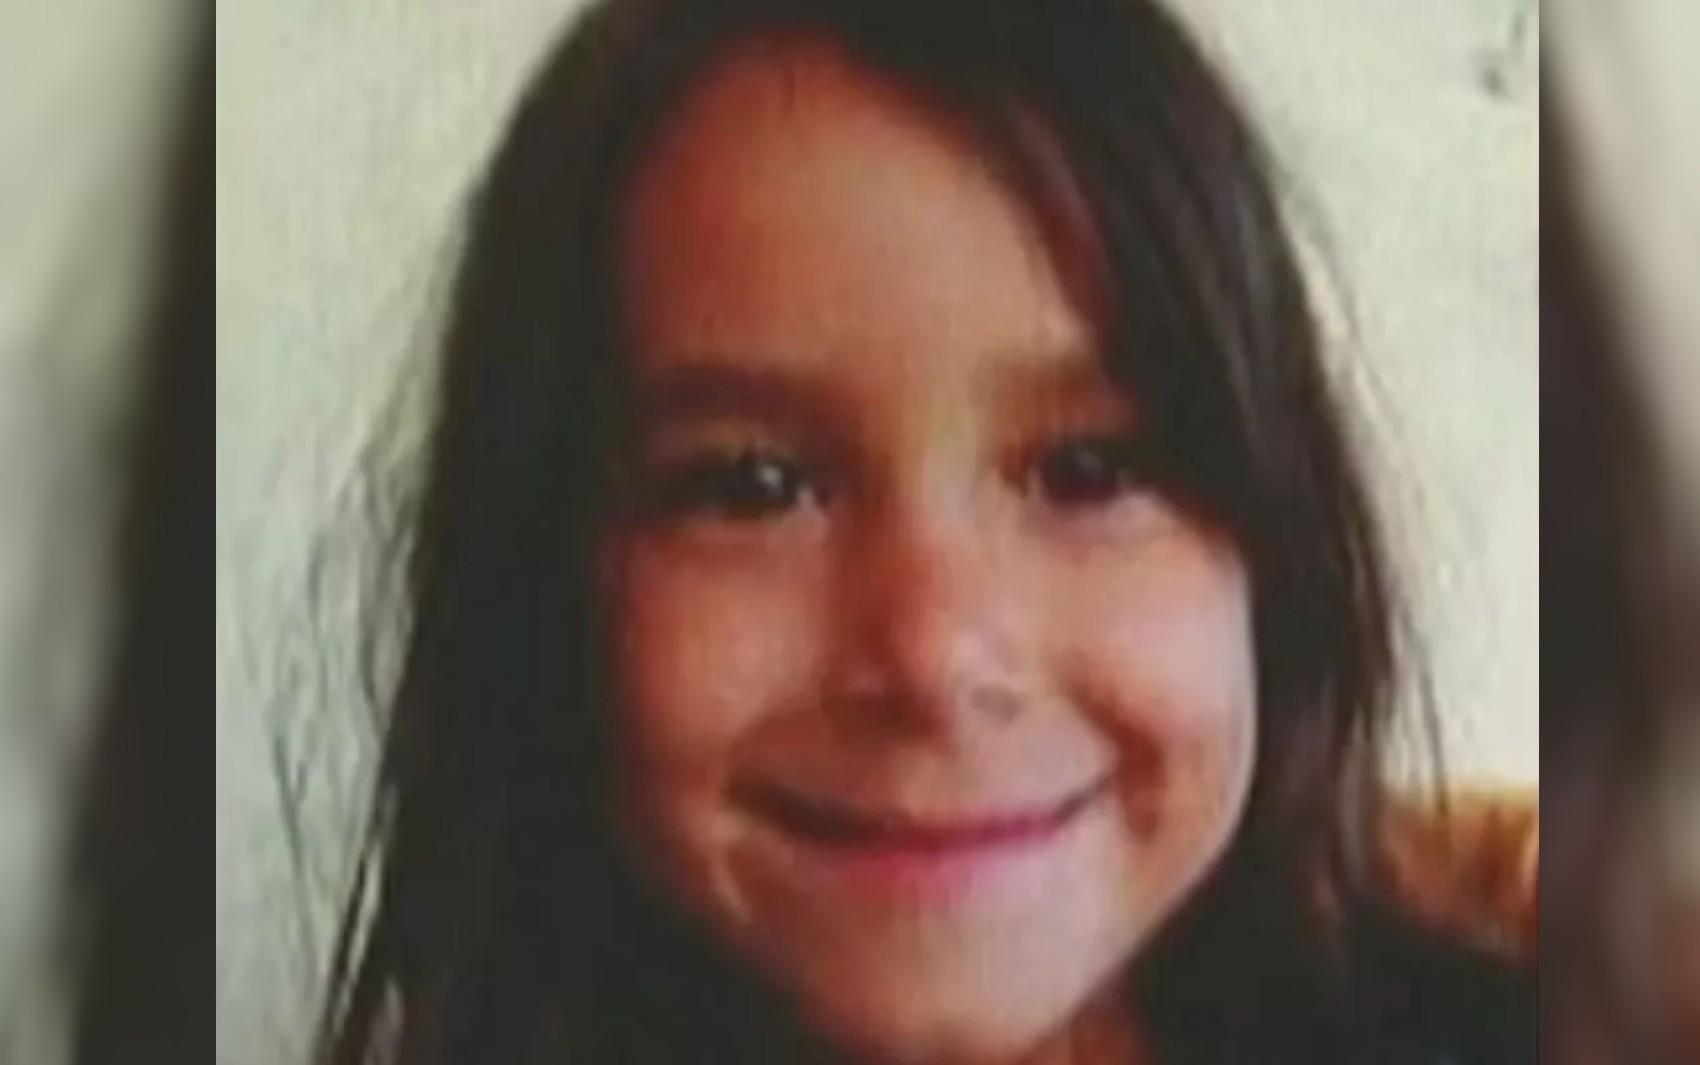 Suspeito de estuprar e matar menina em obra de Catalão é preso no Maranhão quase 8 anos após o crime